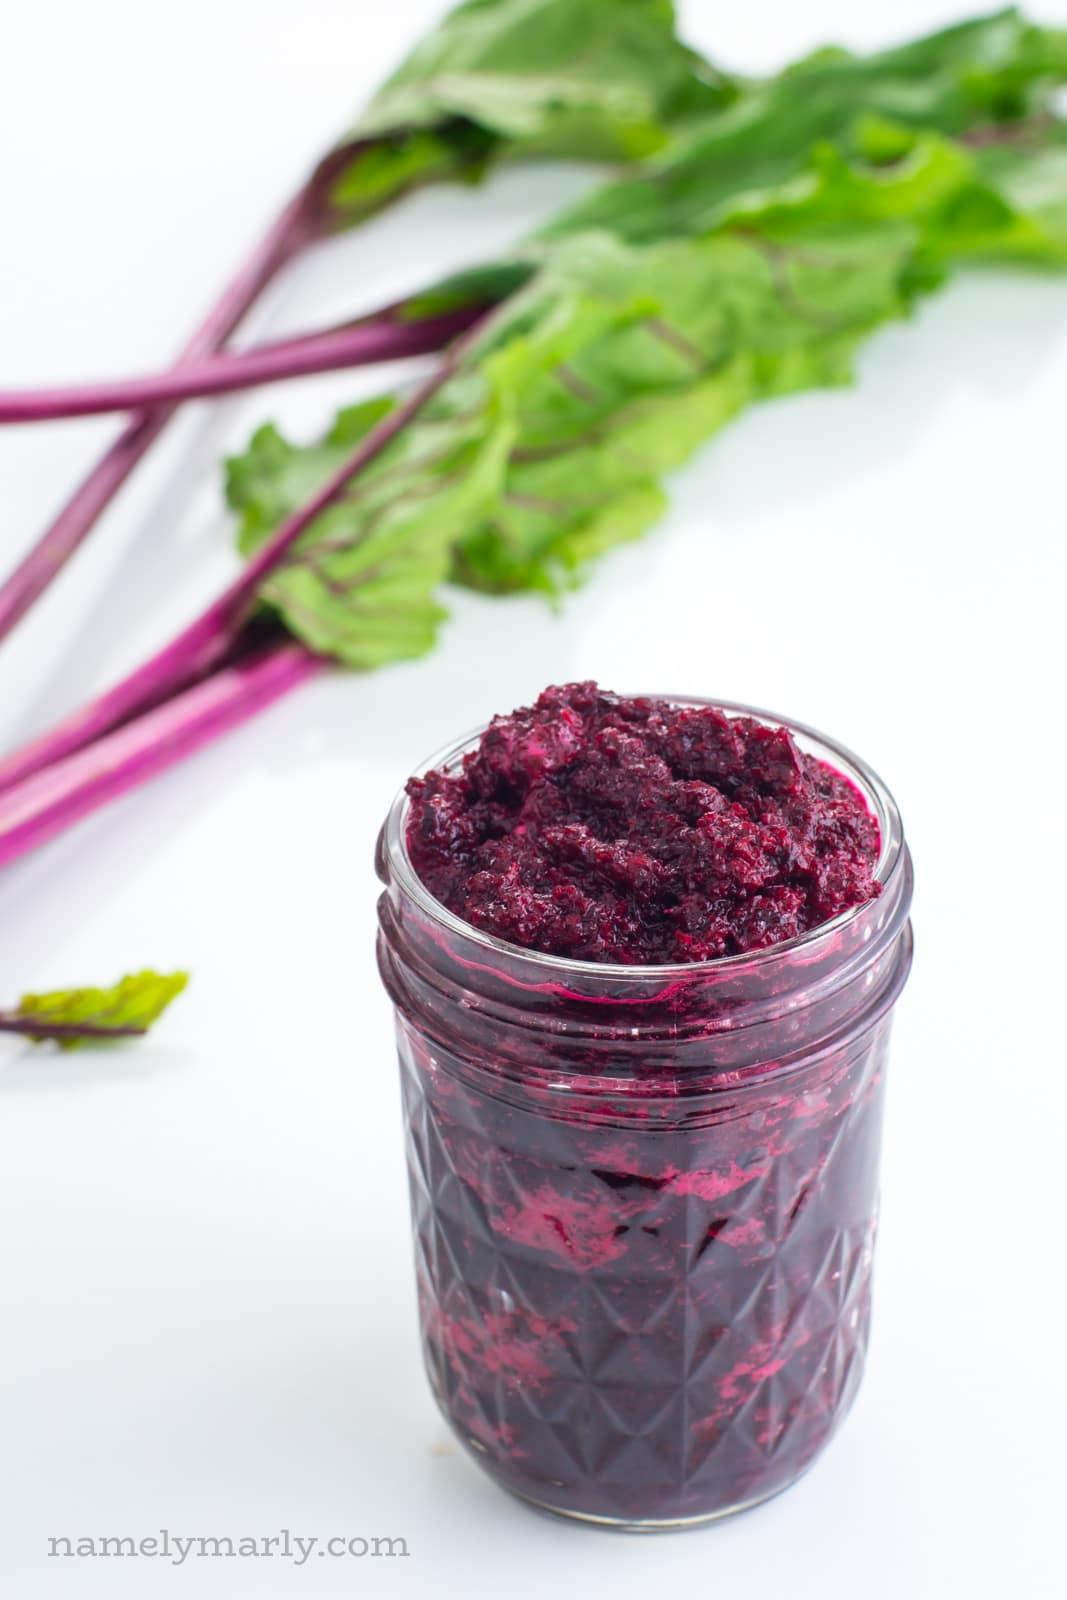 How to make beet puree